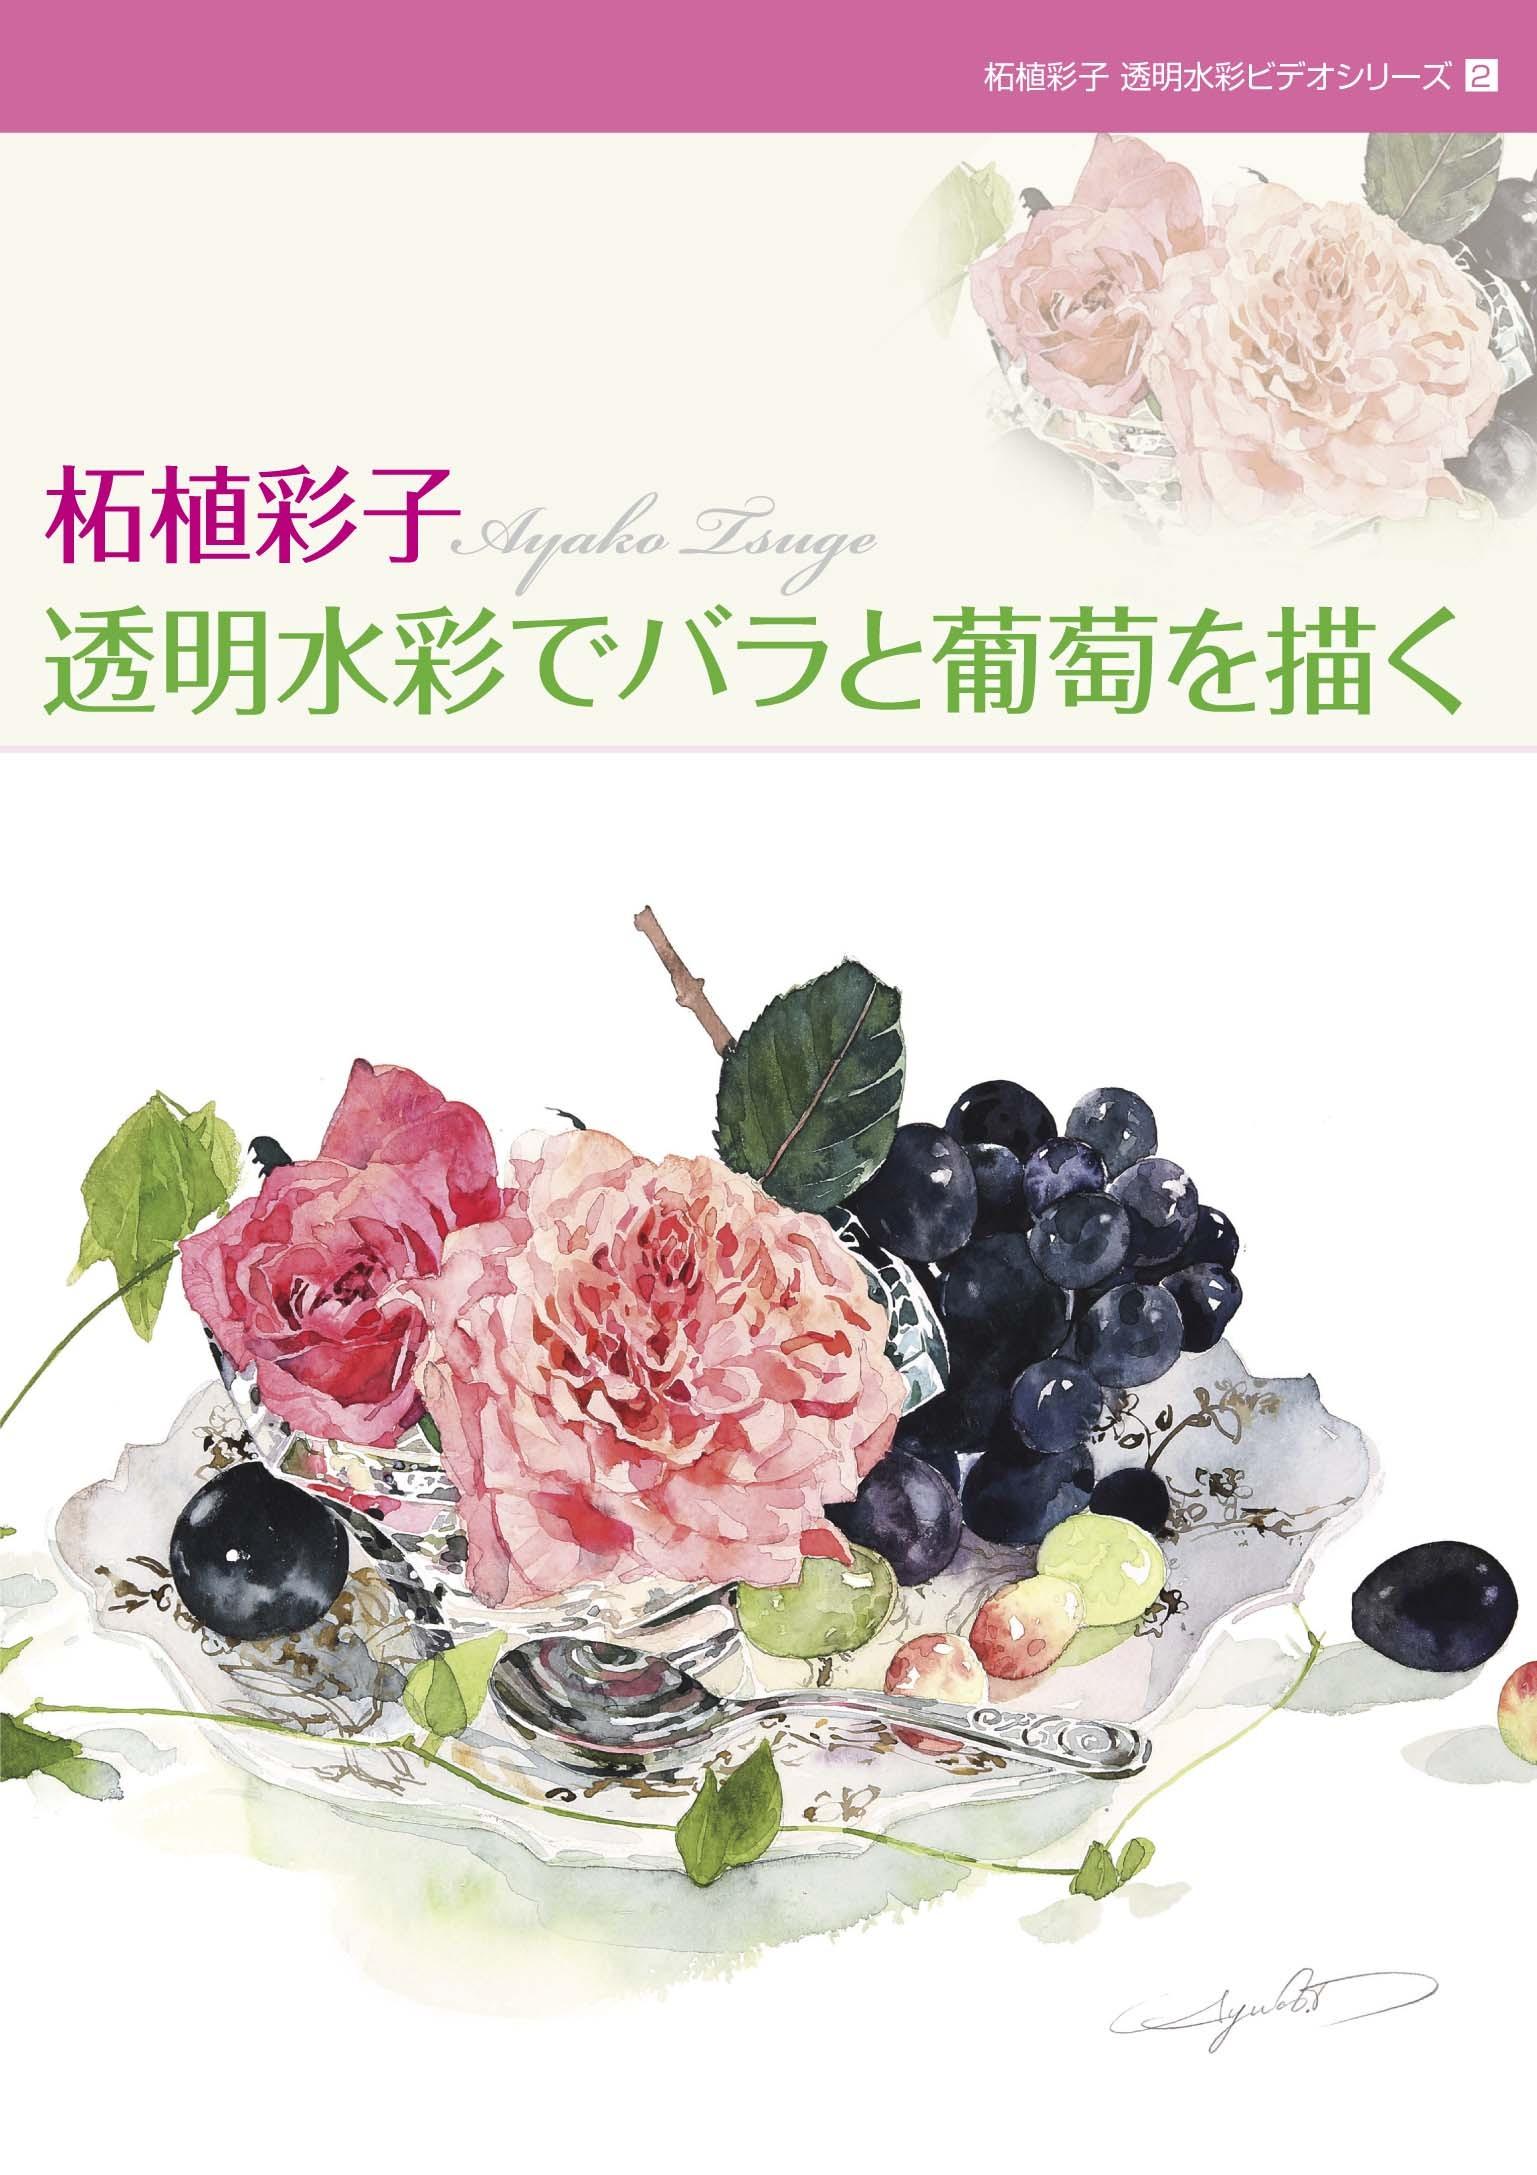 Video 2    柘植彩子水彩ビデオシリーズ2「バラと葡萄を描く」